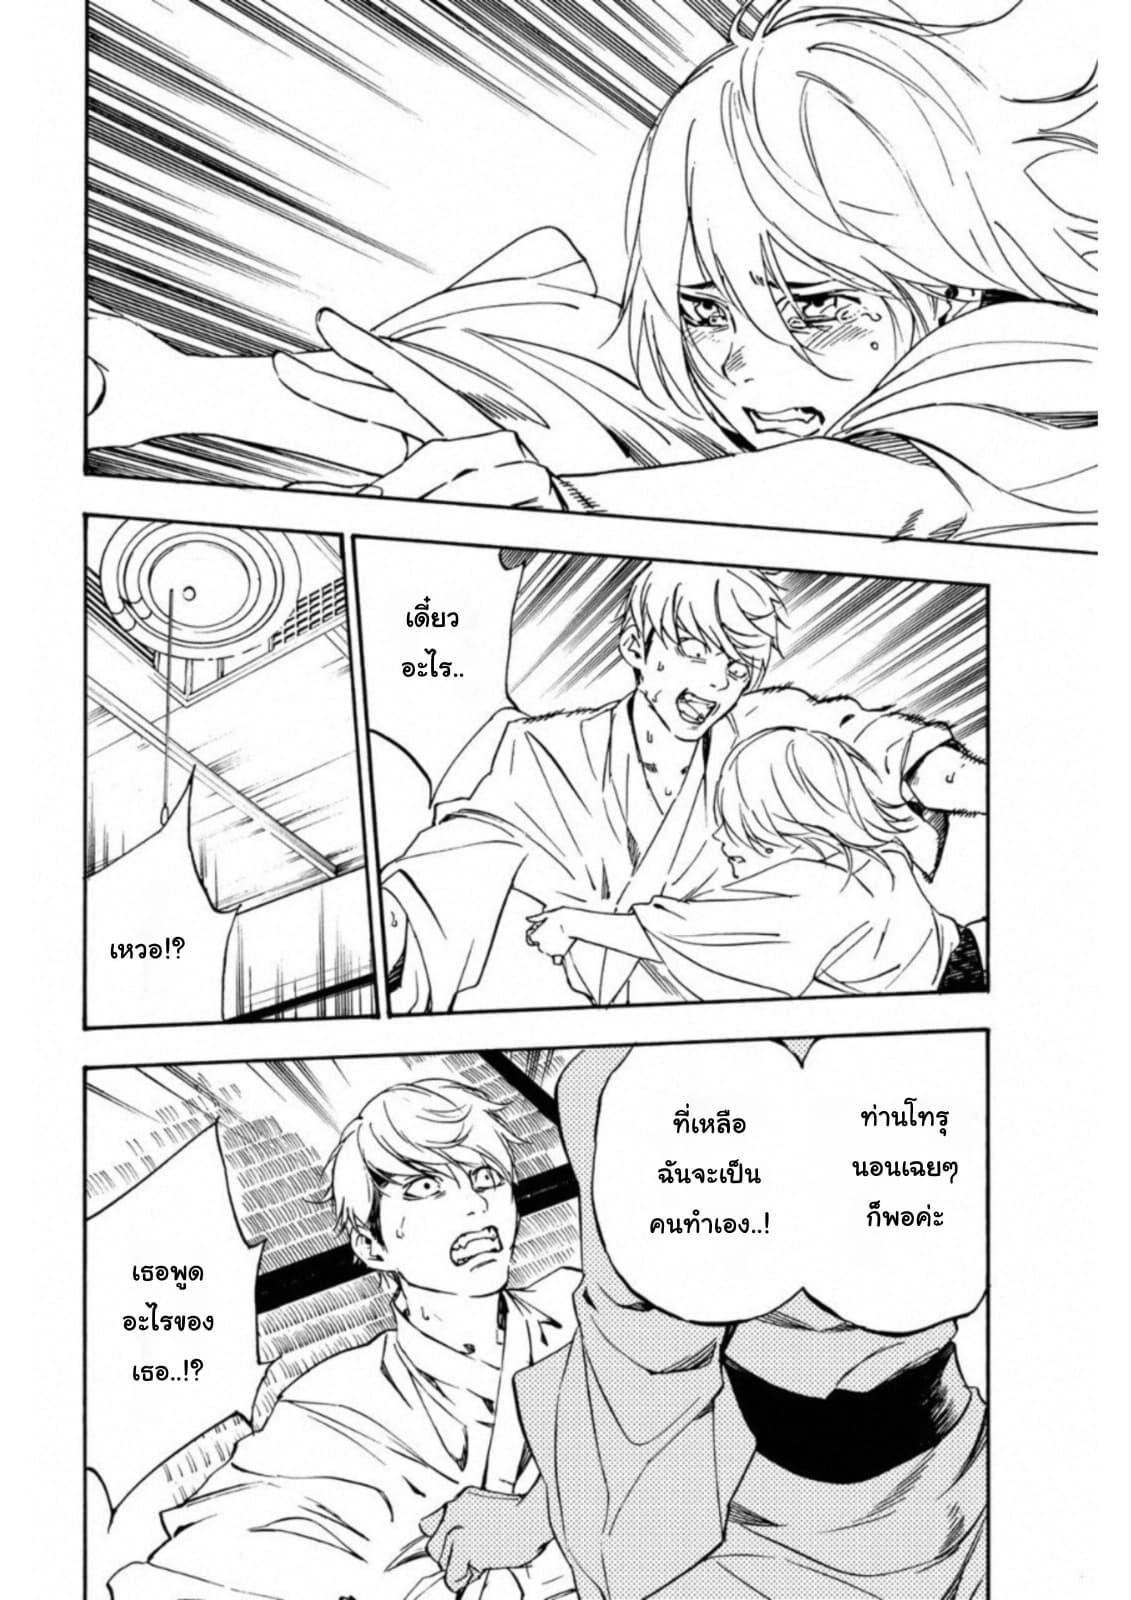 อ่านการ์ตูน Zetsubou no Rakuen ตอนที่ 10 หน้าที่ 12